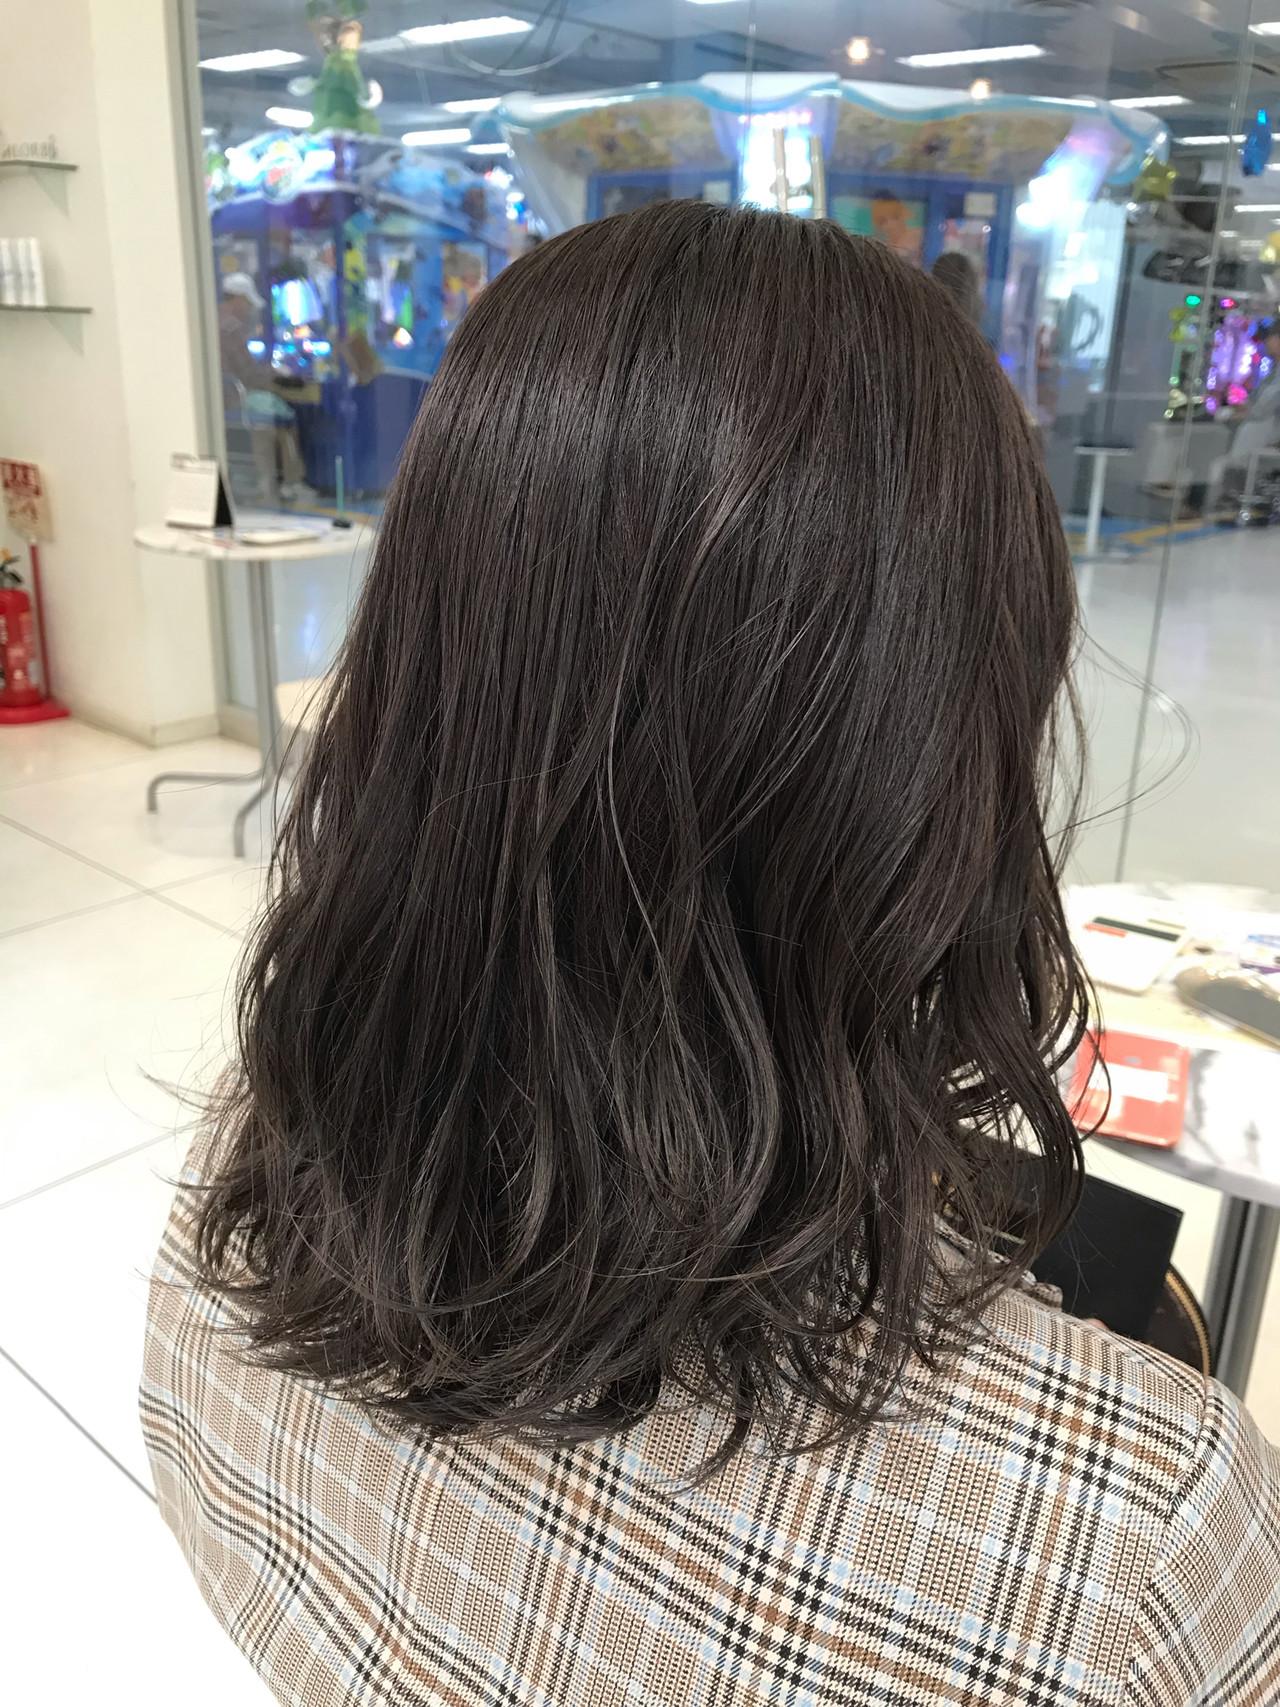 ミディアム ハイライト 3Dハイライト ナチュラルヘアスタイルや髪型の写真・画像